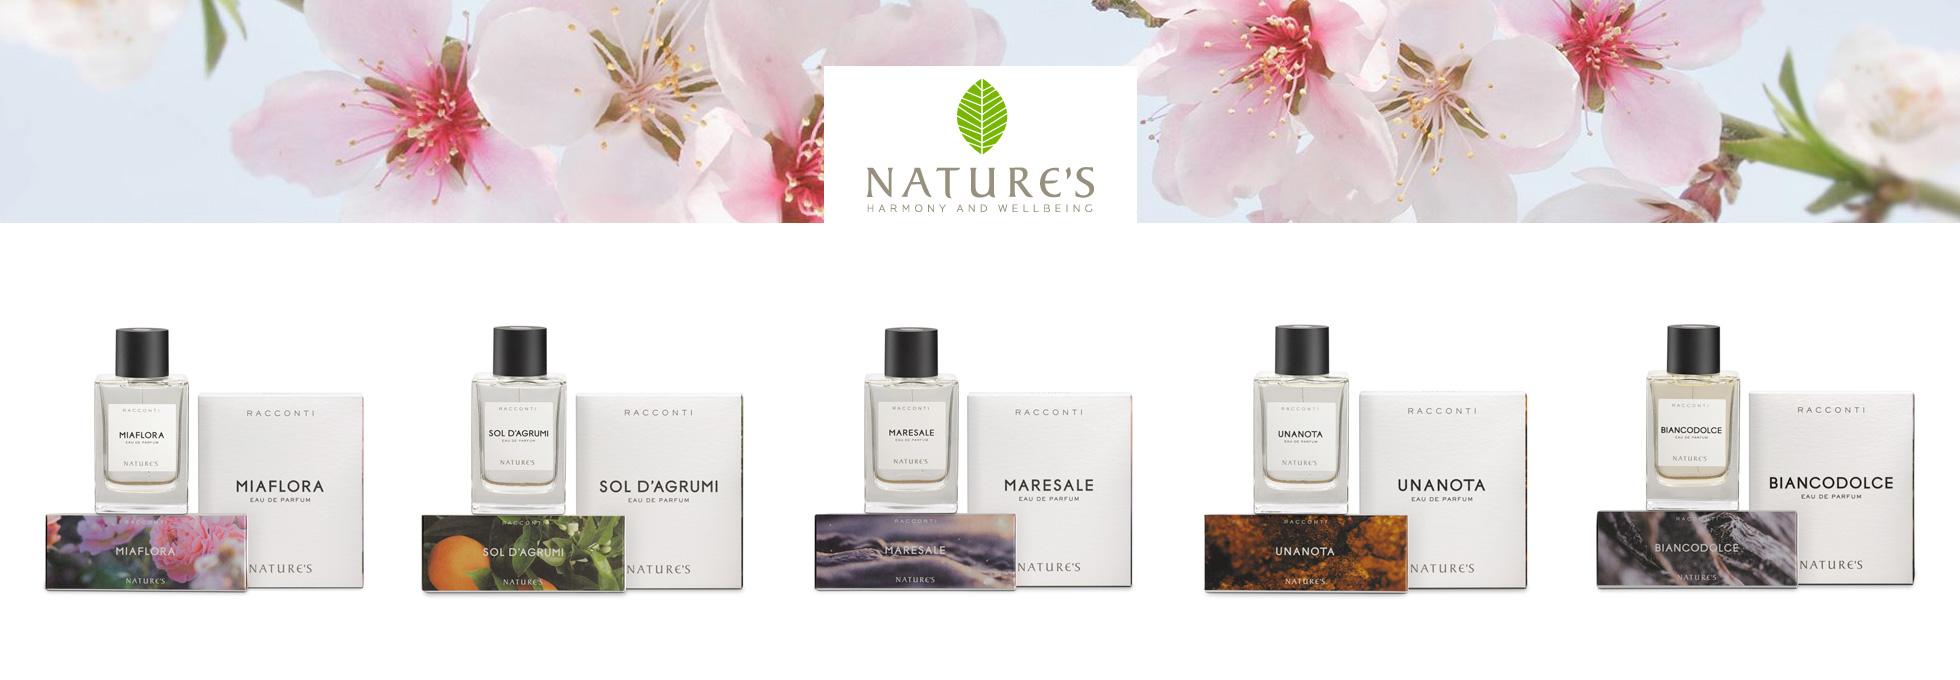 nature-s